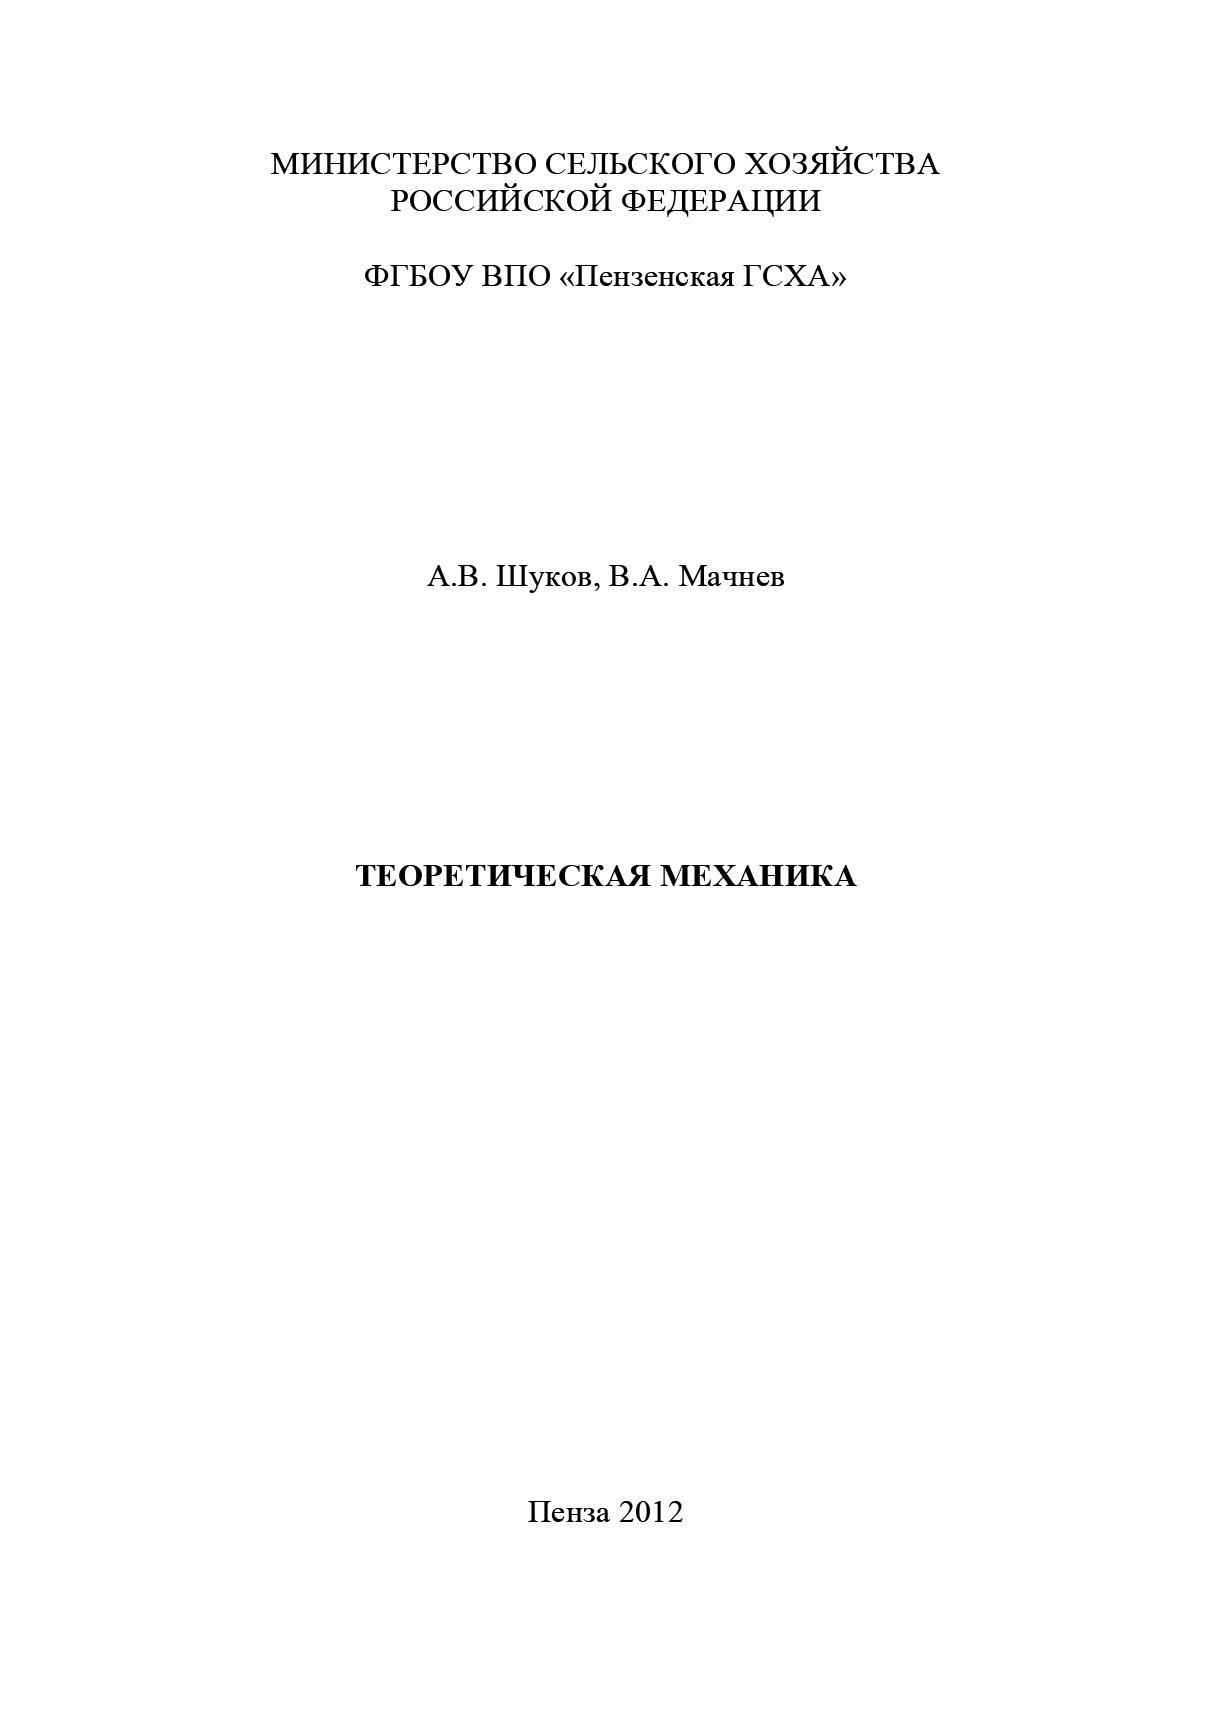 Валентин Мачнев Теоретическая механика юлия валерьевна щербакова теоретическая механика